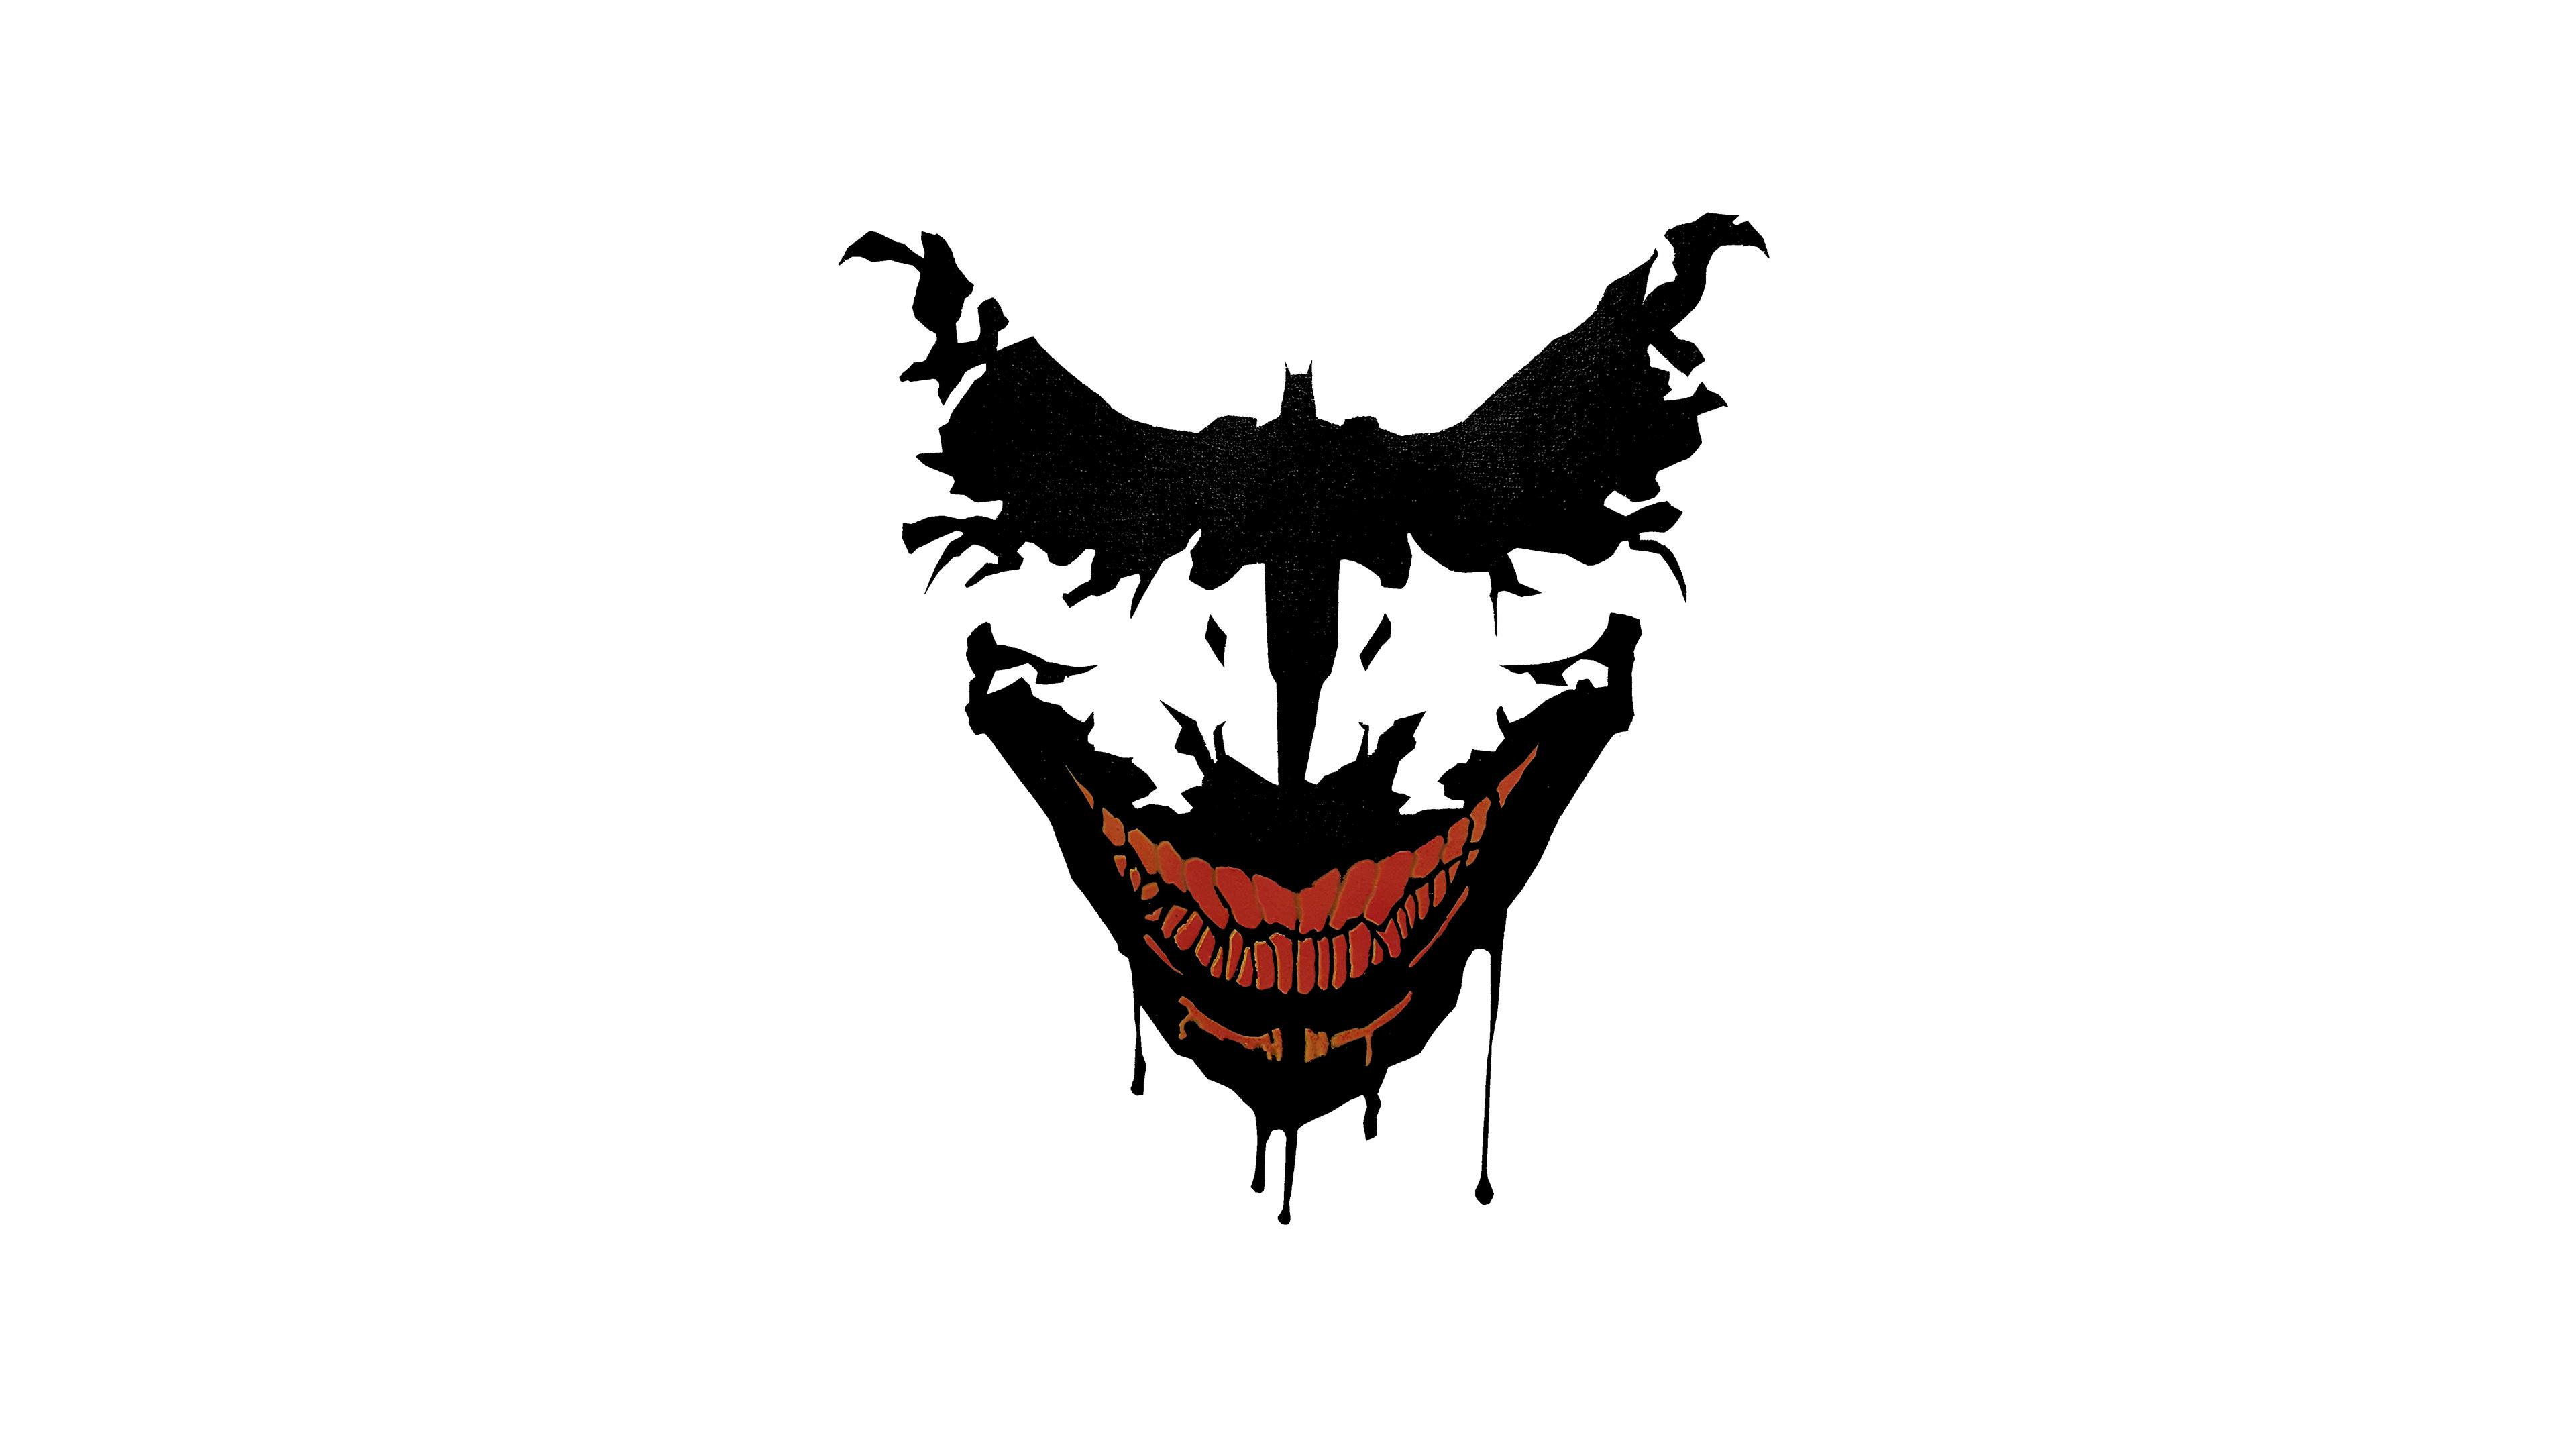 4k Wallpaper Hd Joker